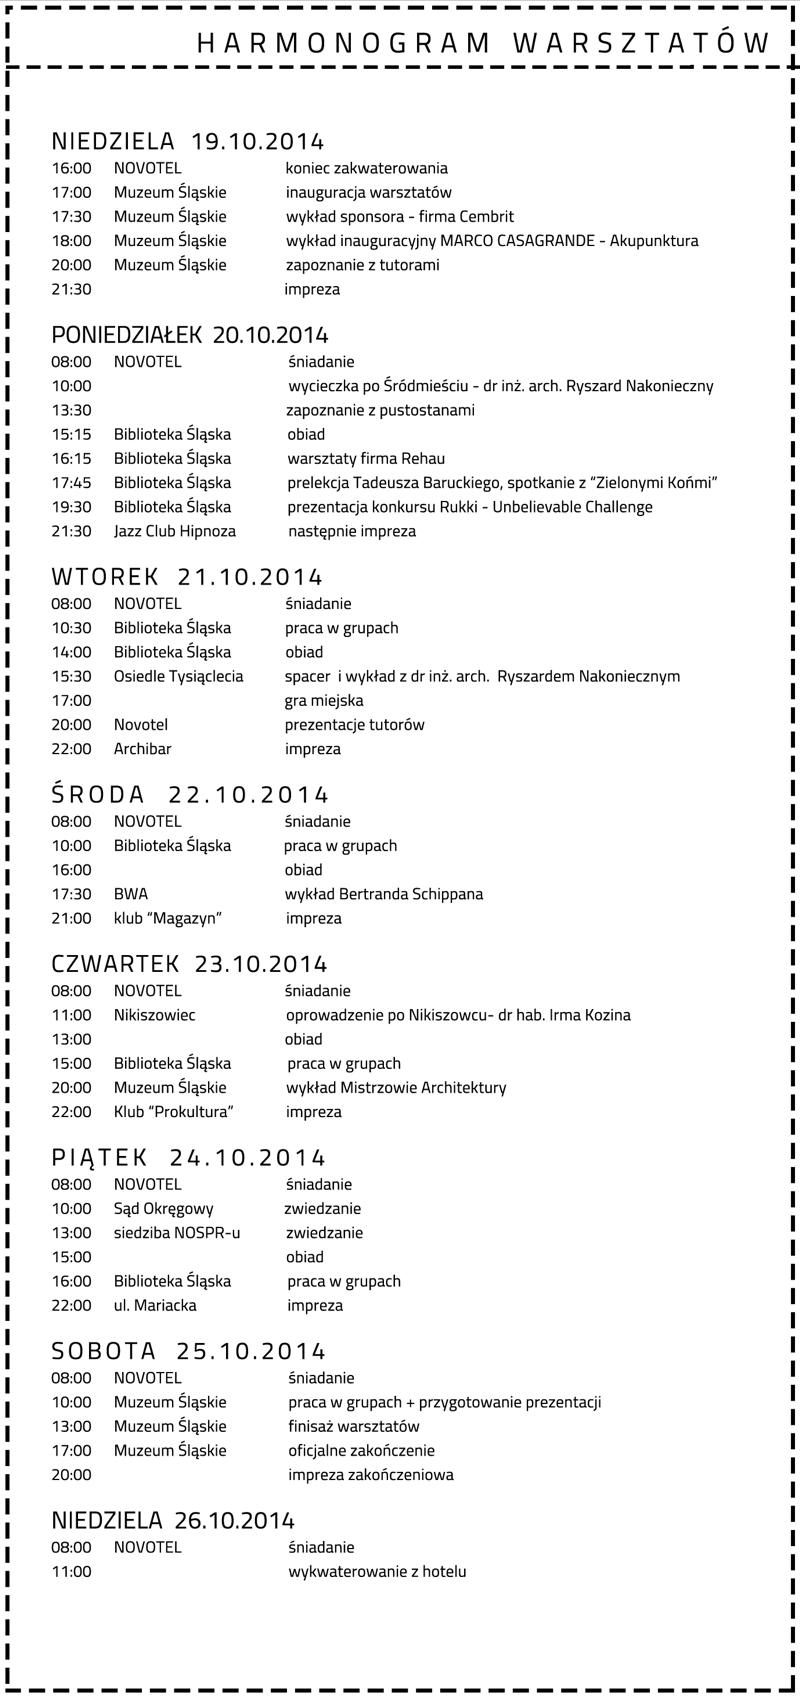 OSSA.harmonogram.schedule